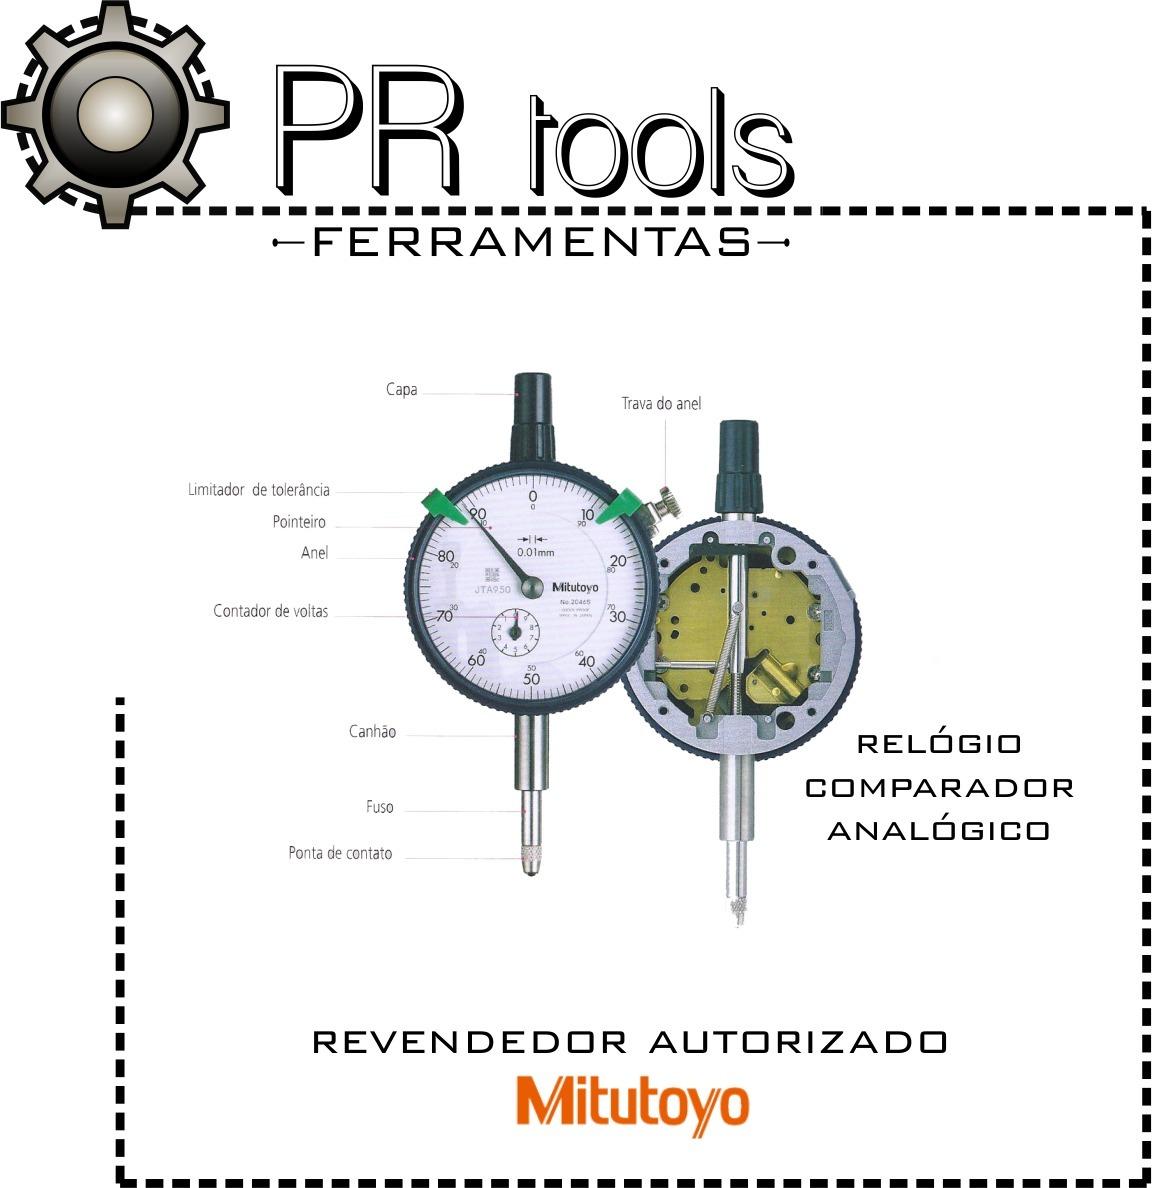 61dac5b7edb relógio comparador 0-100 10 mm 2046s mitutoyo. Carregando zoom.